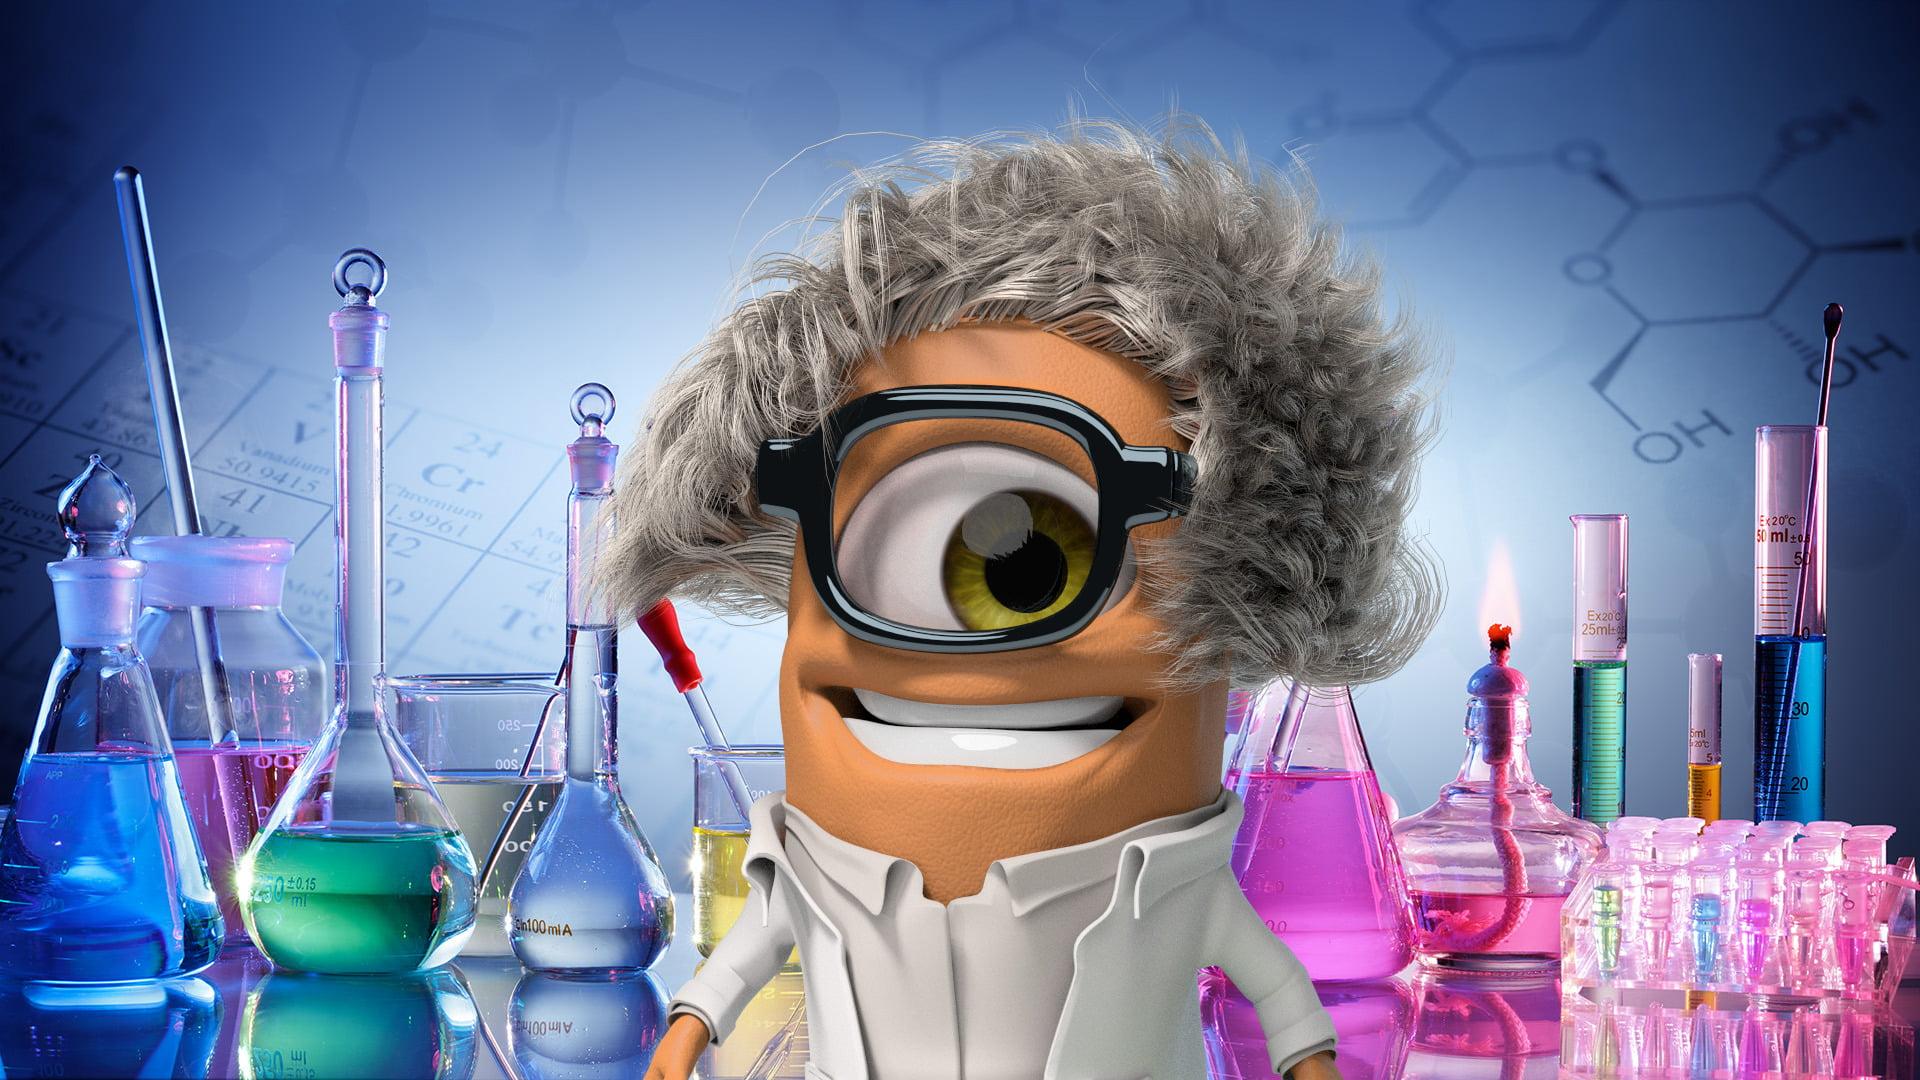 Stewie in The Lab